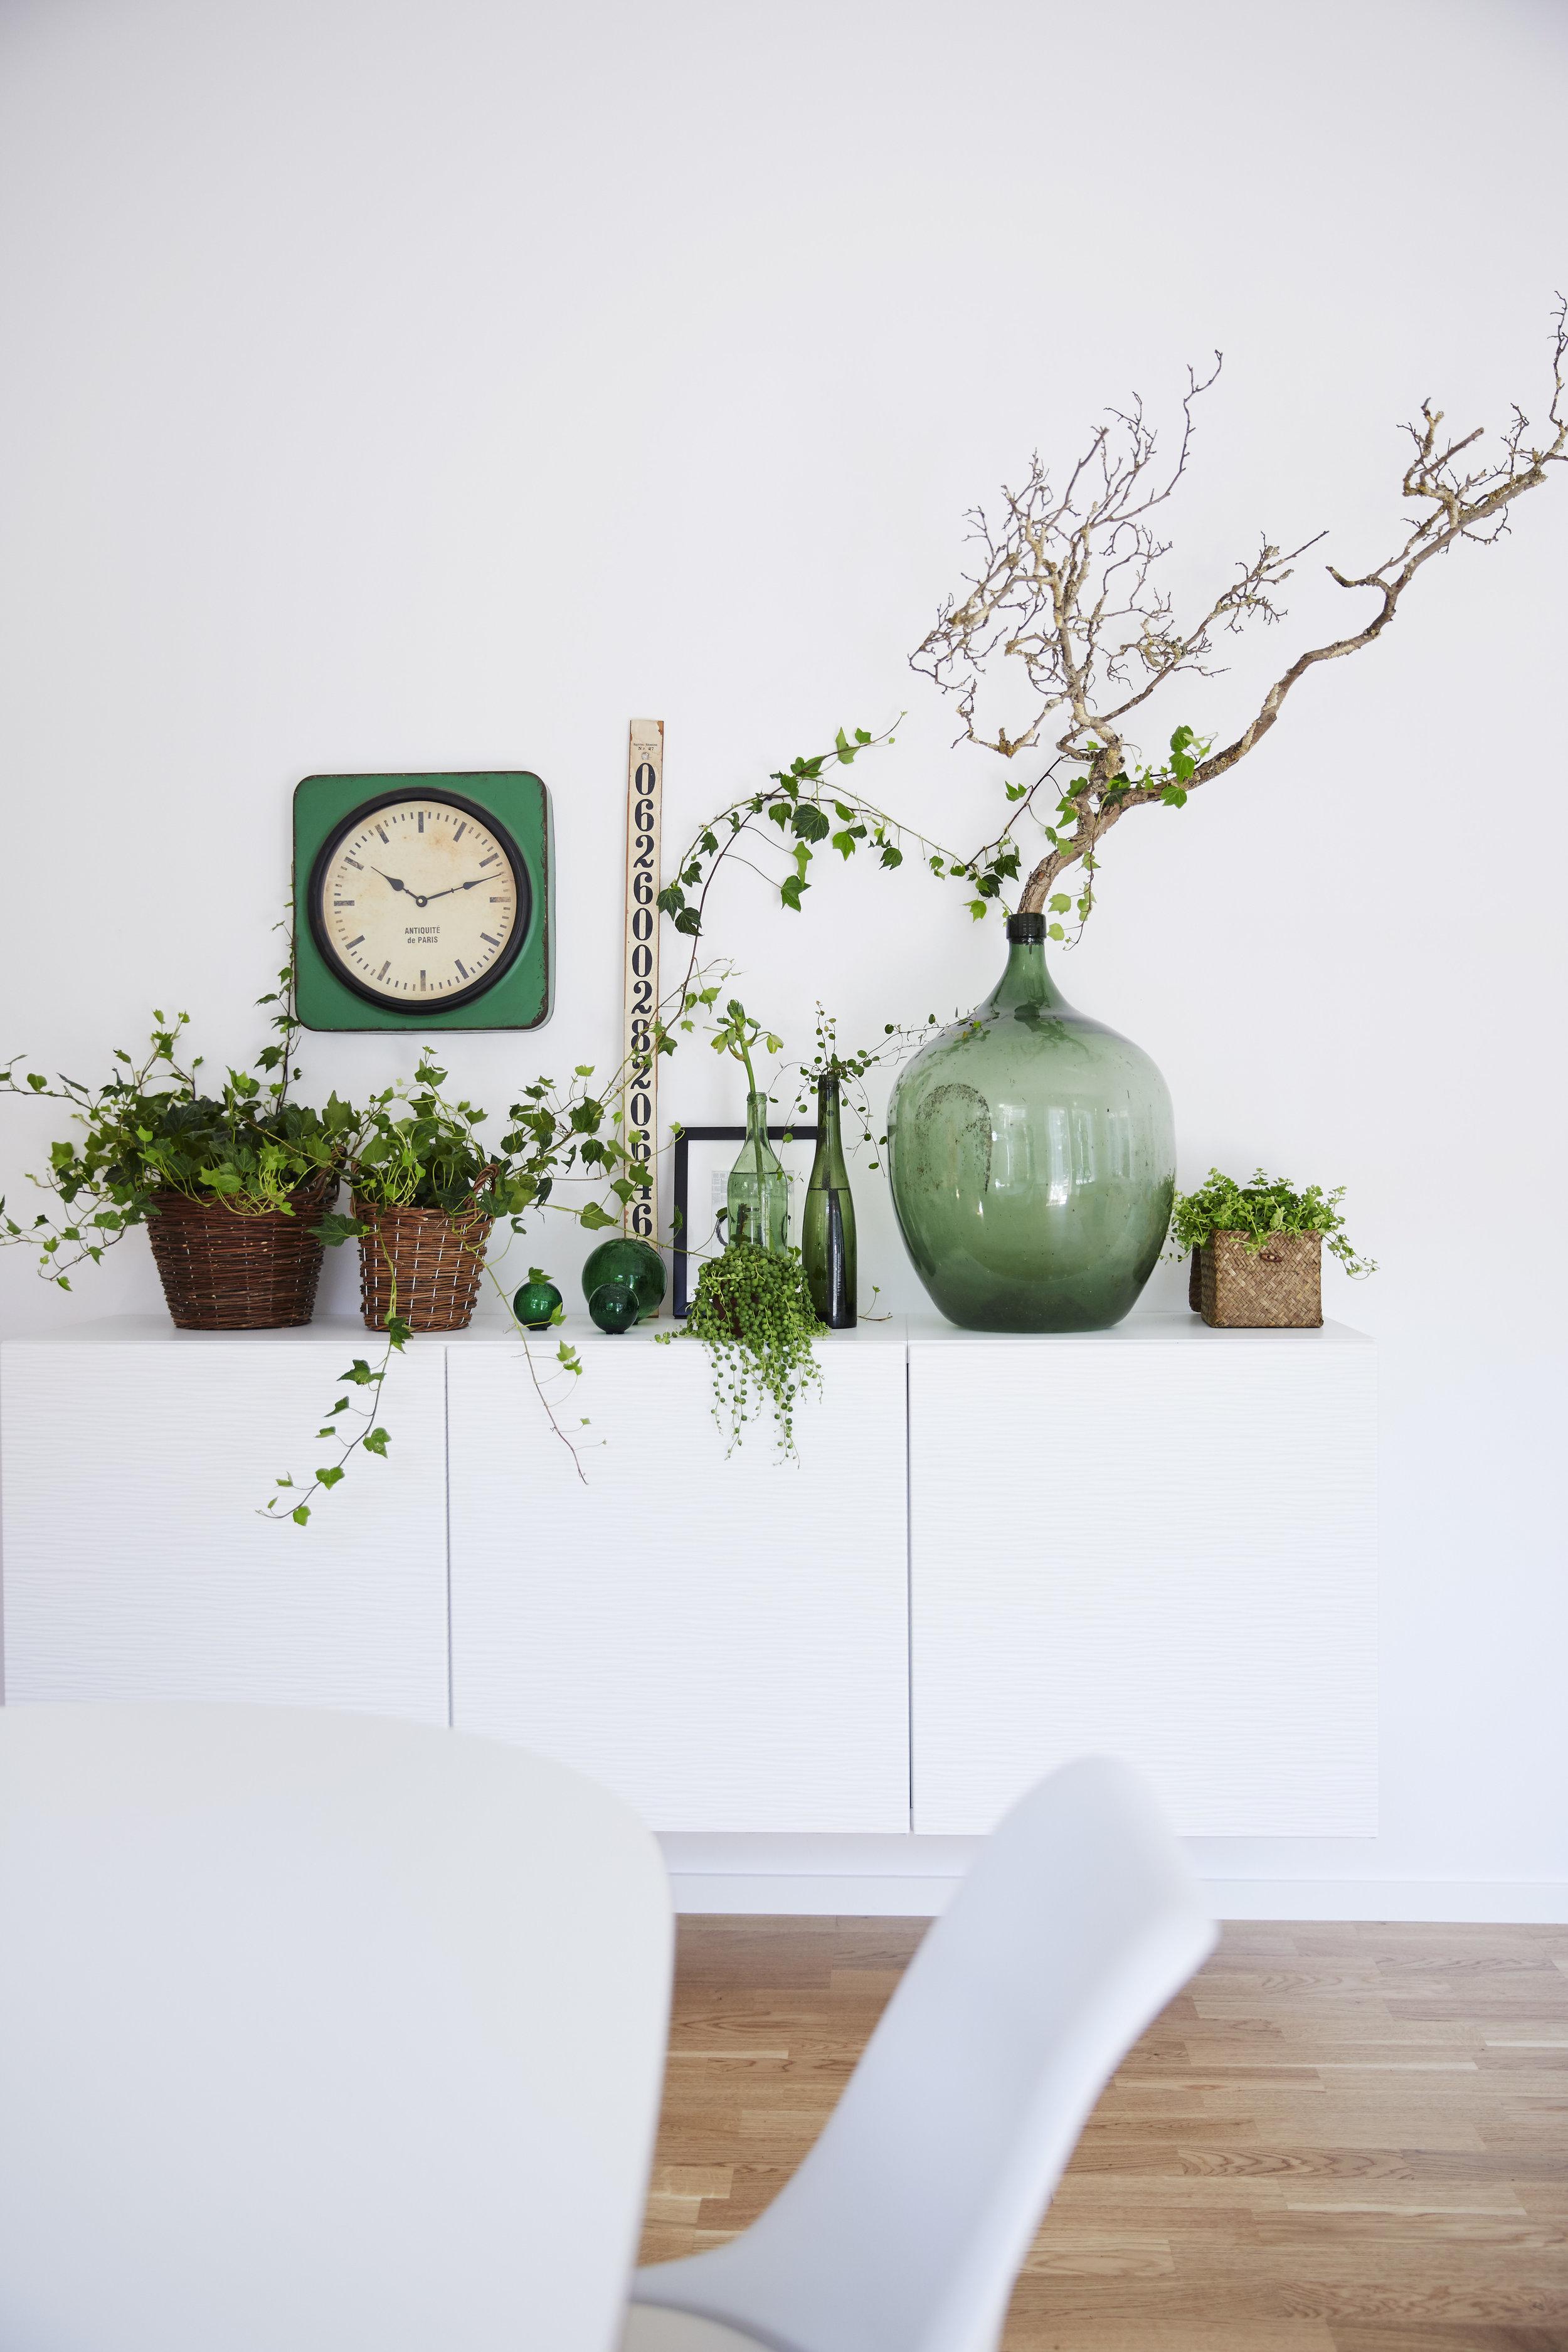 Ladda med gröna detaljer och fixa vårens skönatrend. Foto. Blomsterfrämjandet